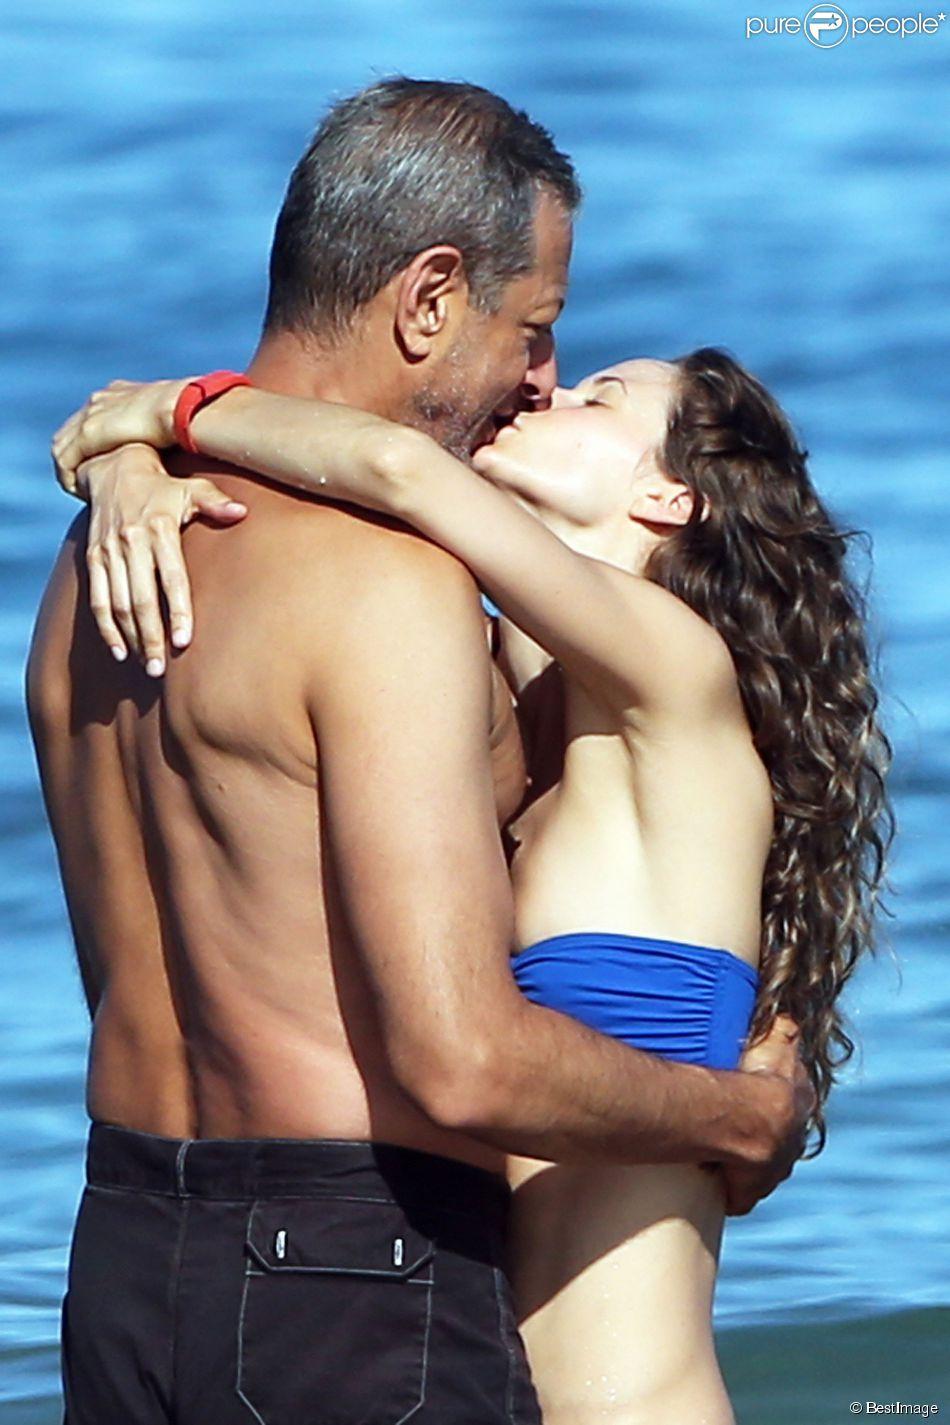 Exclusif - Jeff Goldblum et sa fiancée Emilie Livingston s'embrassent fougueusement lors de leurs vacances à Hawaii, le 16 juillet 2014.